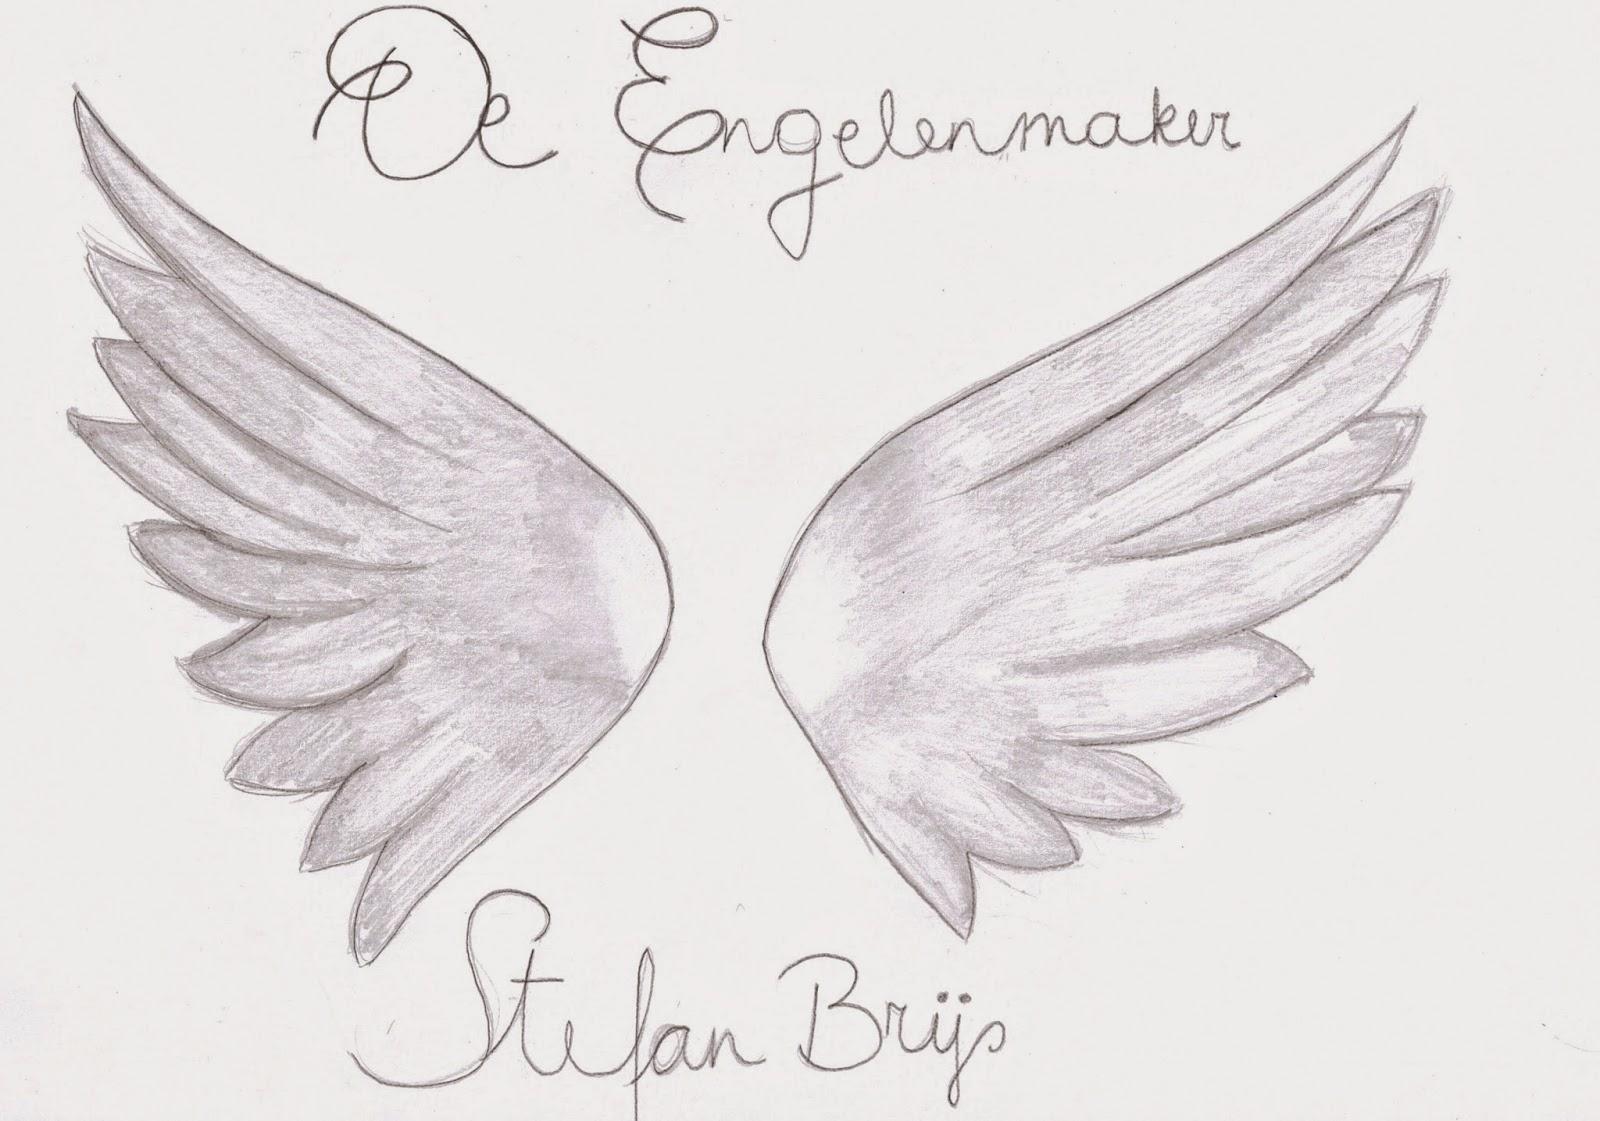 Citaten Uit Boy 7 : Citaten uit de engelenmaker alle liedjes en van